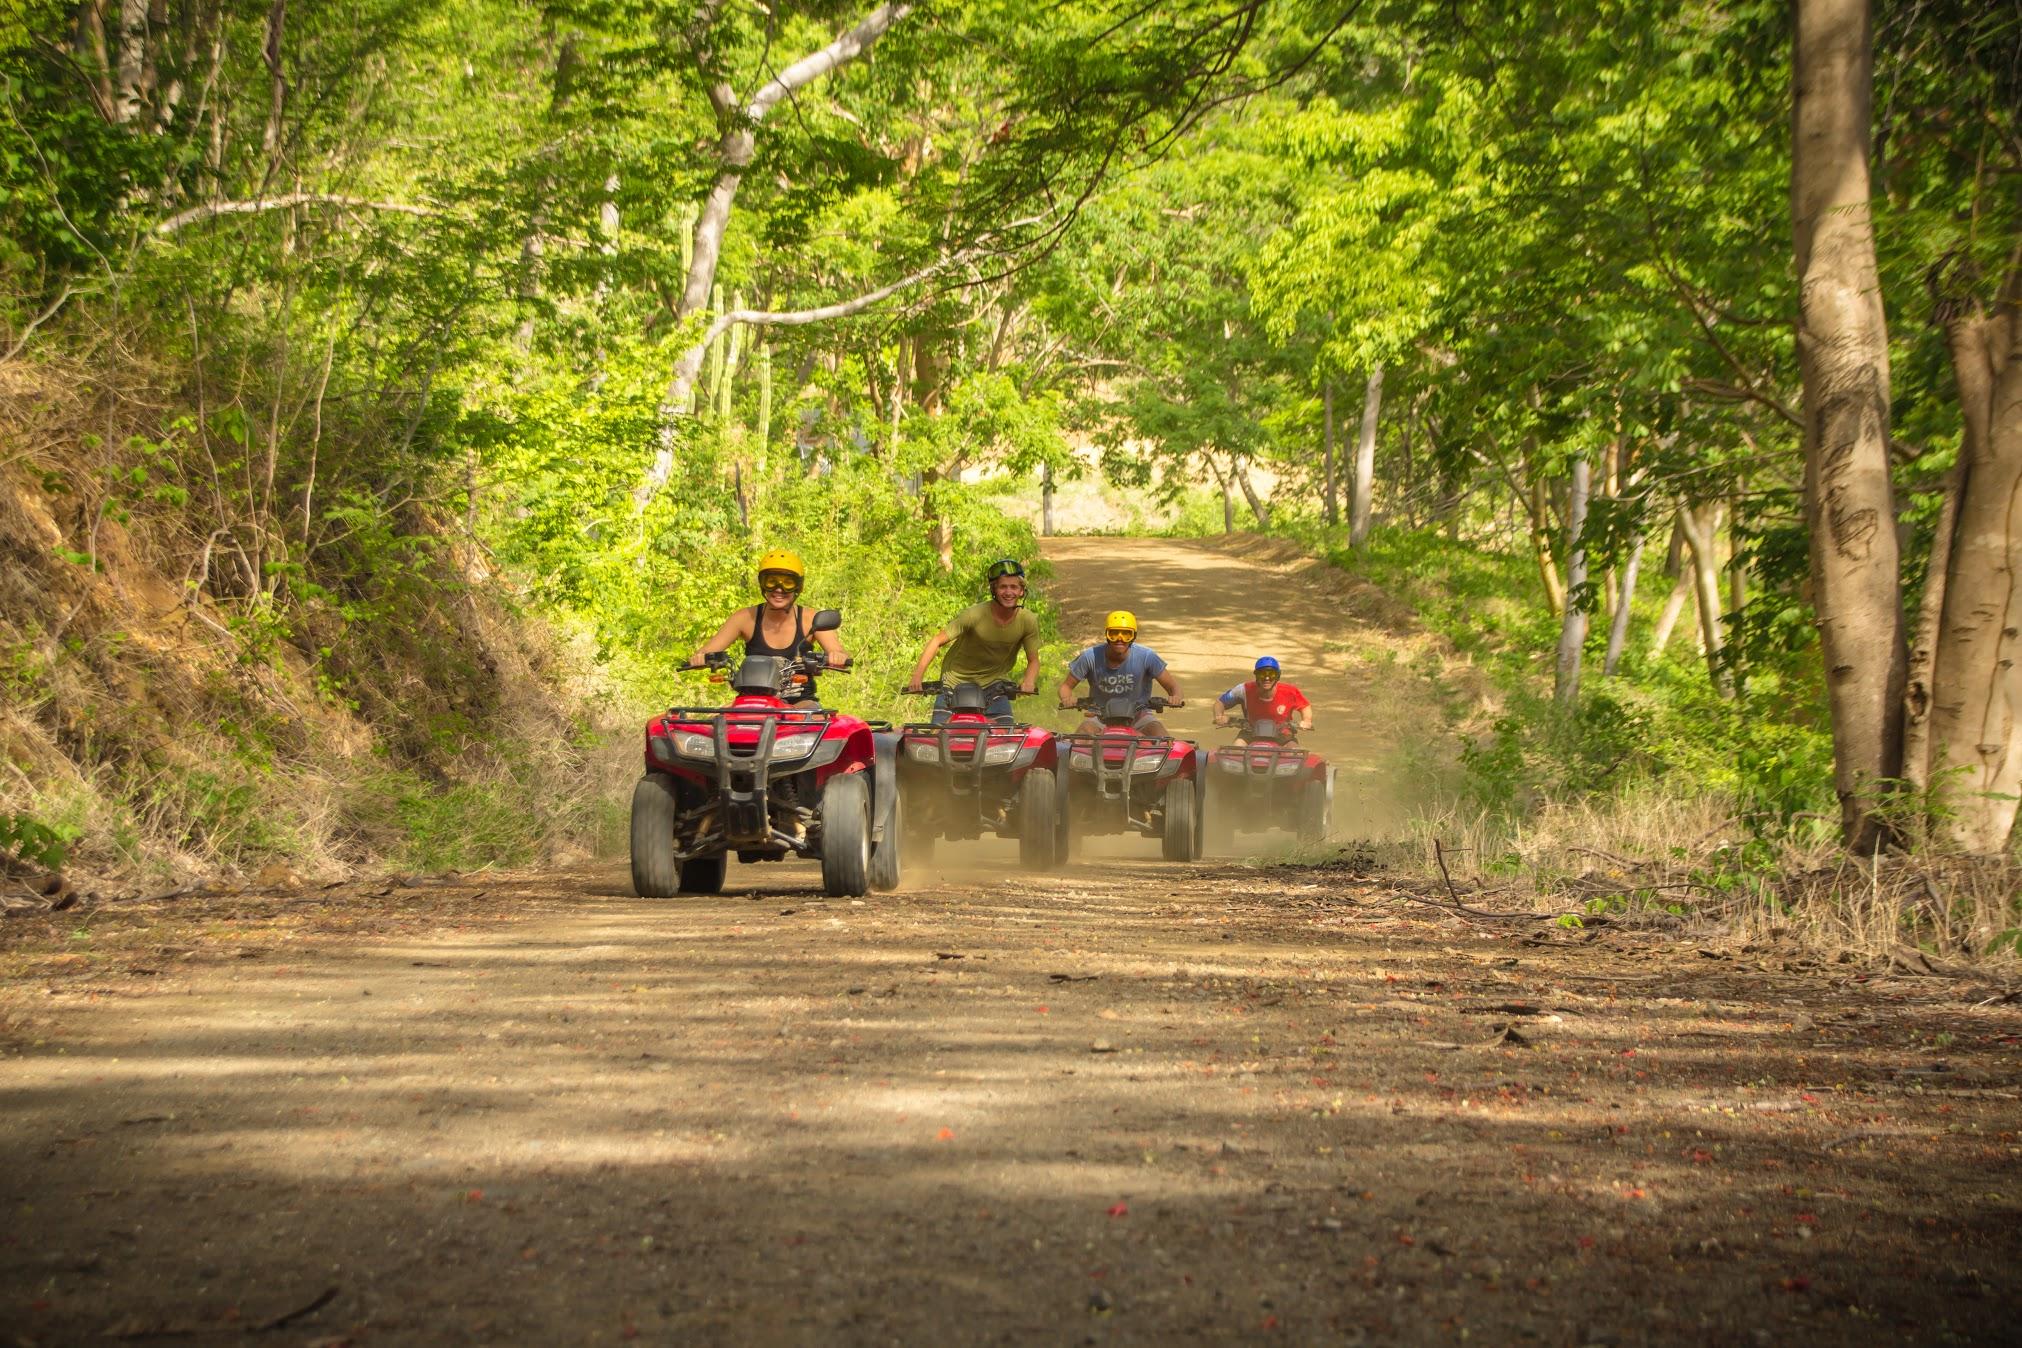 Tamarindo ATV tour to secluded beaches